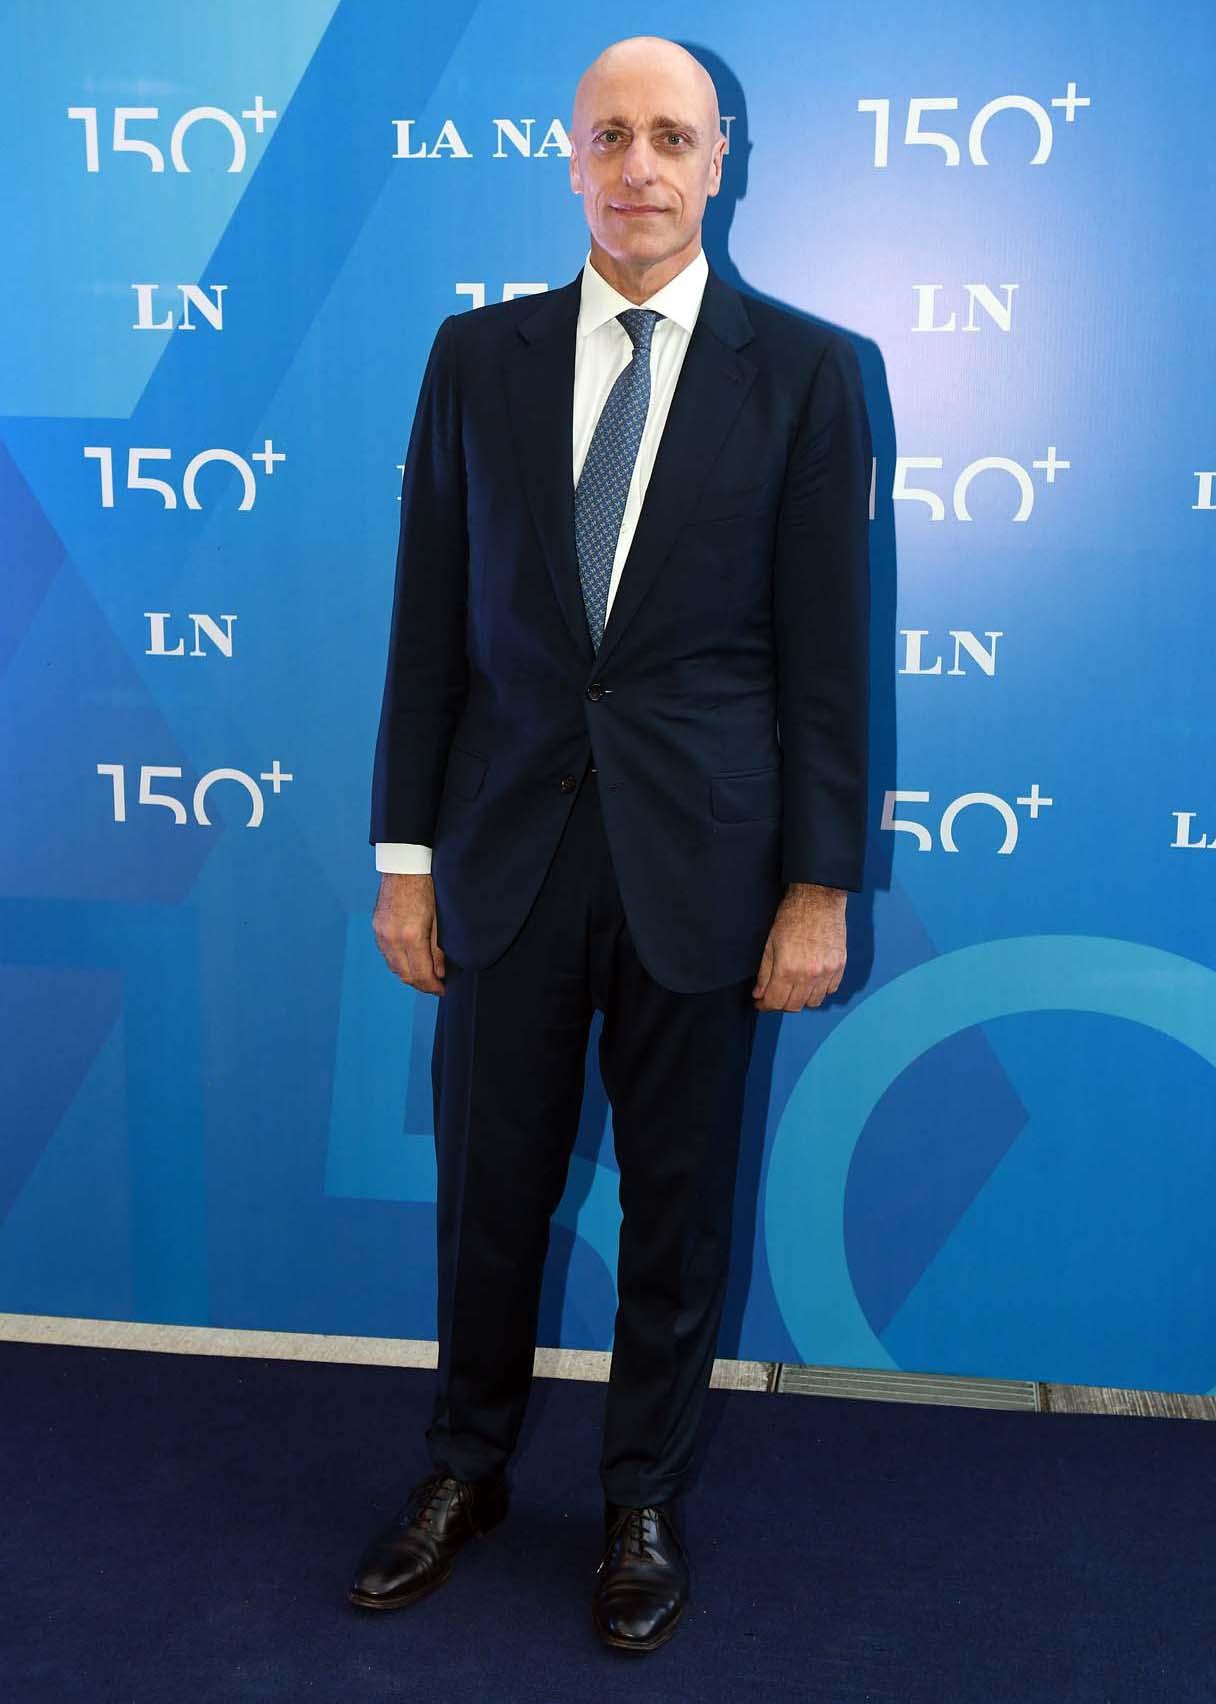 El periodista Carlos Pagni